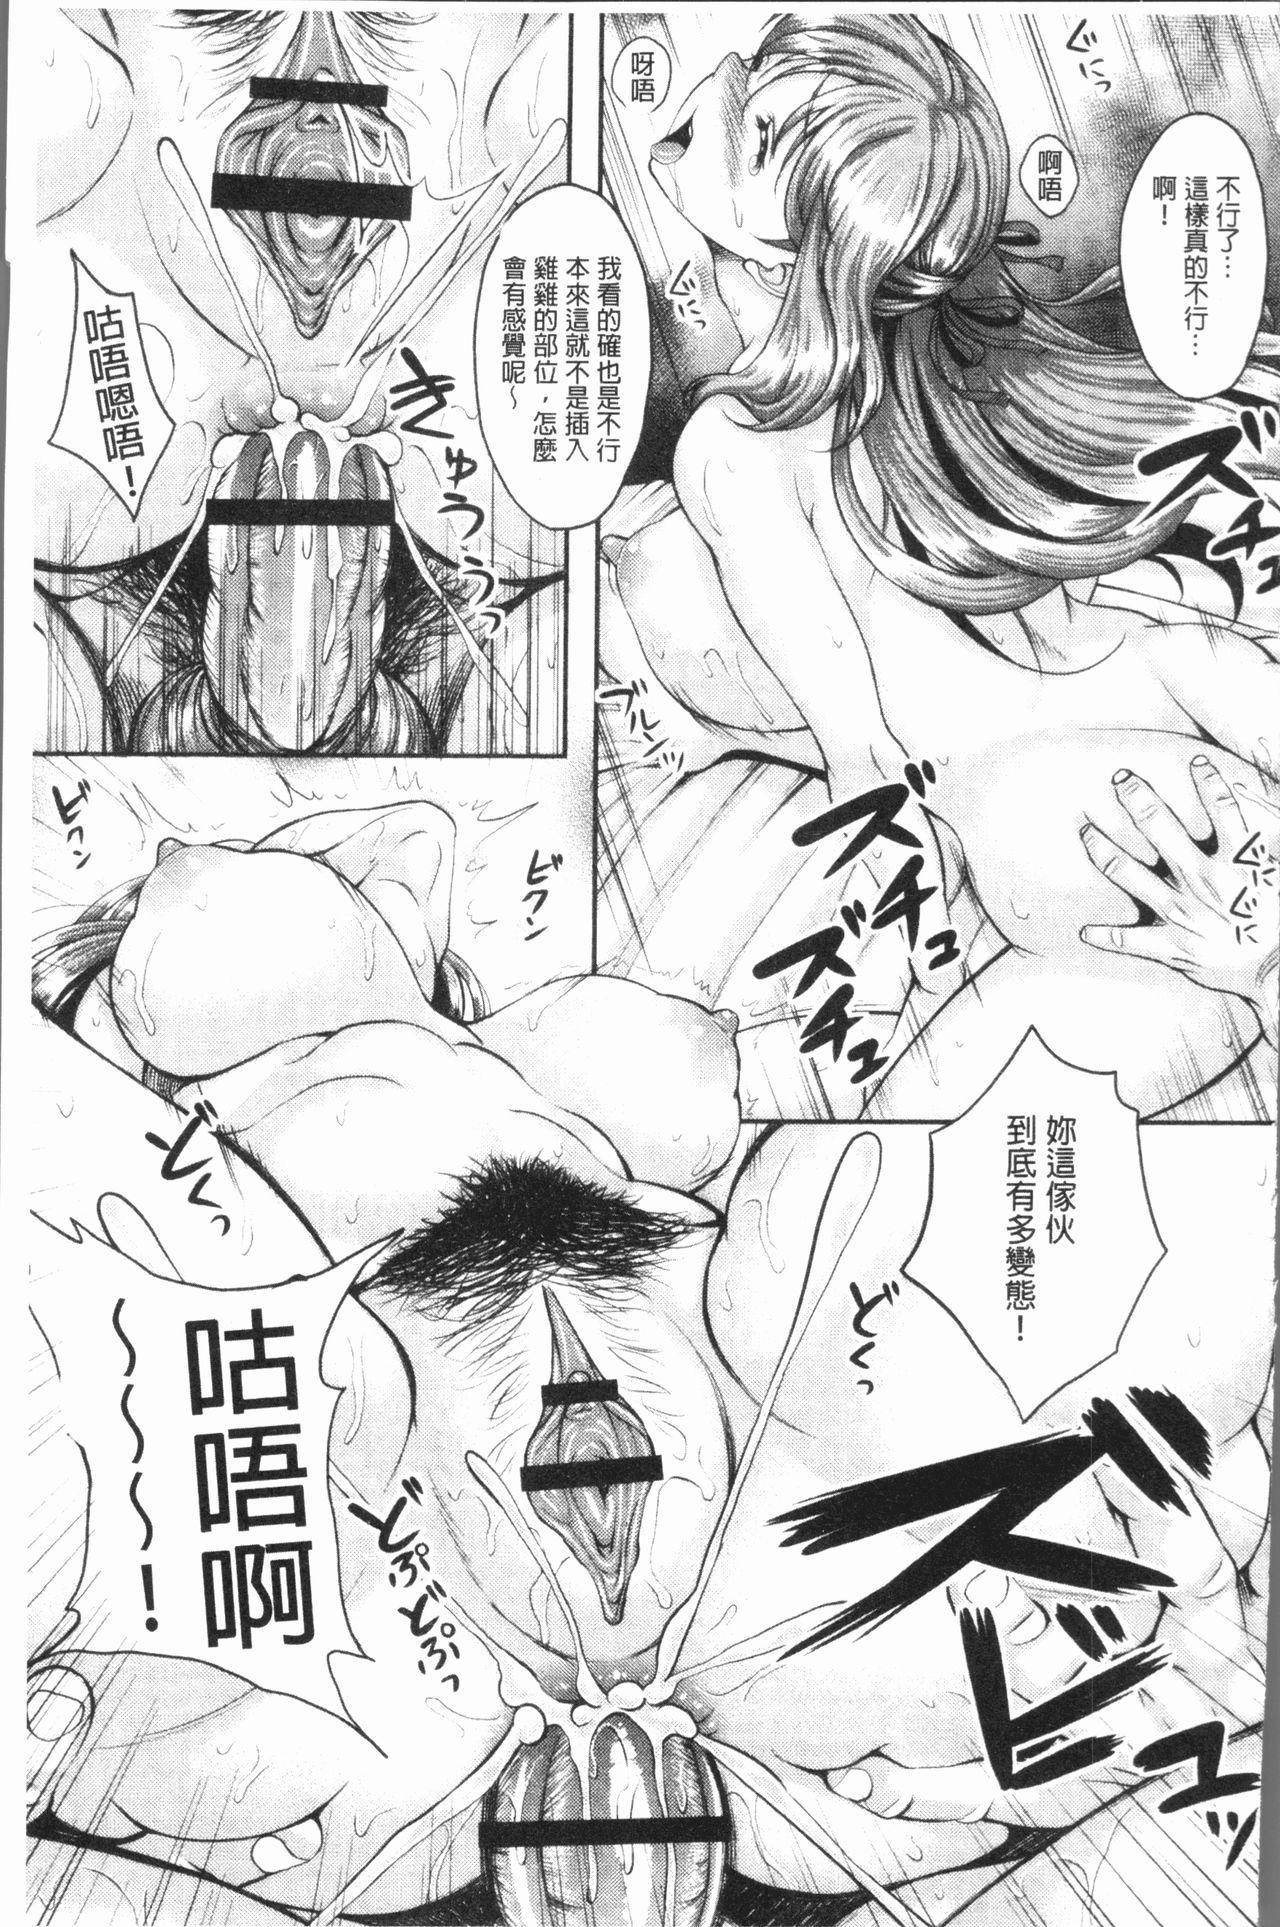 Ochita Deai Mesu | 墮落後見到的牝雌獸 69